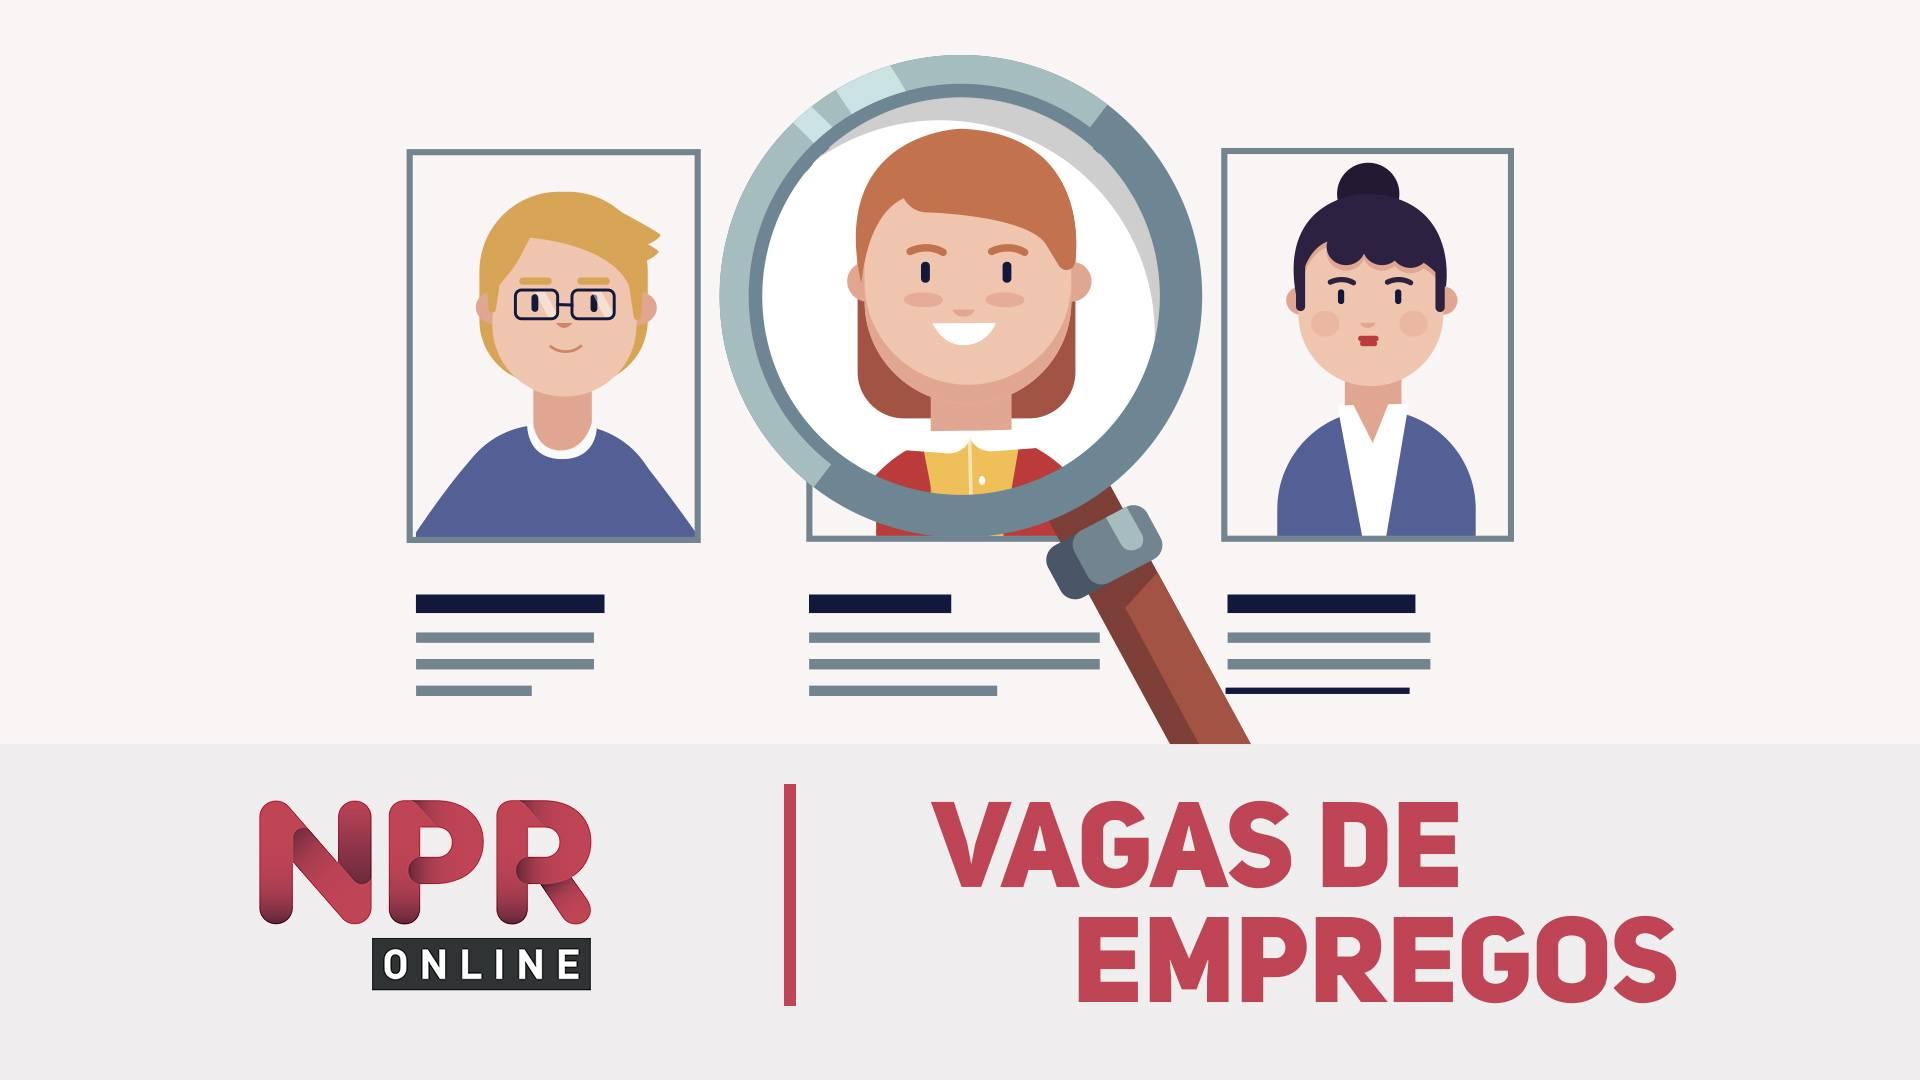 Vagas de Empregos: Veja as principais oportunidades disponíveis nesta quarta-feira (24)